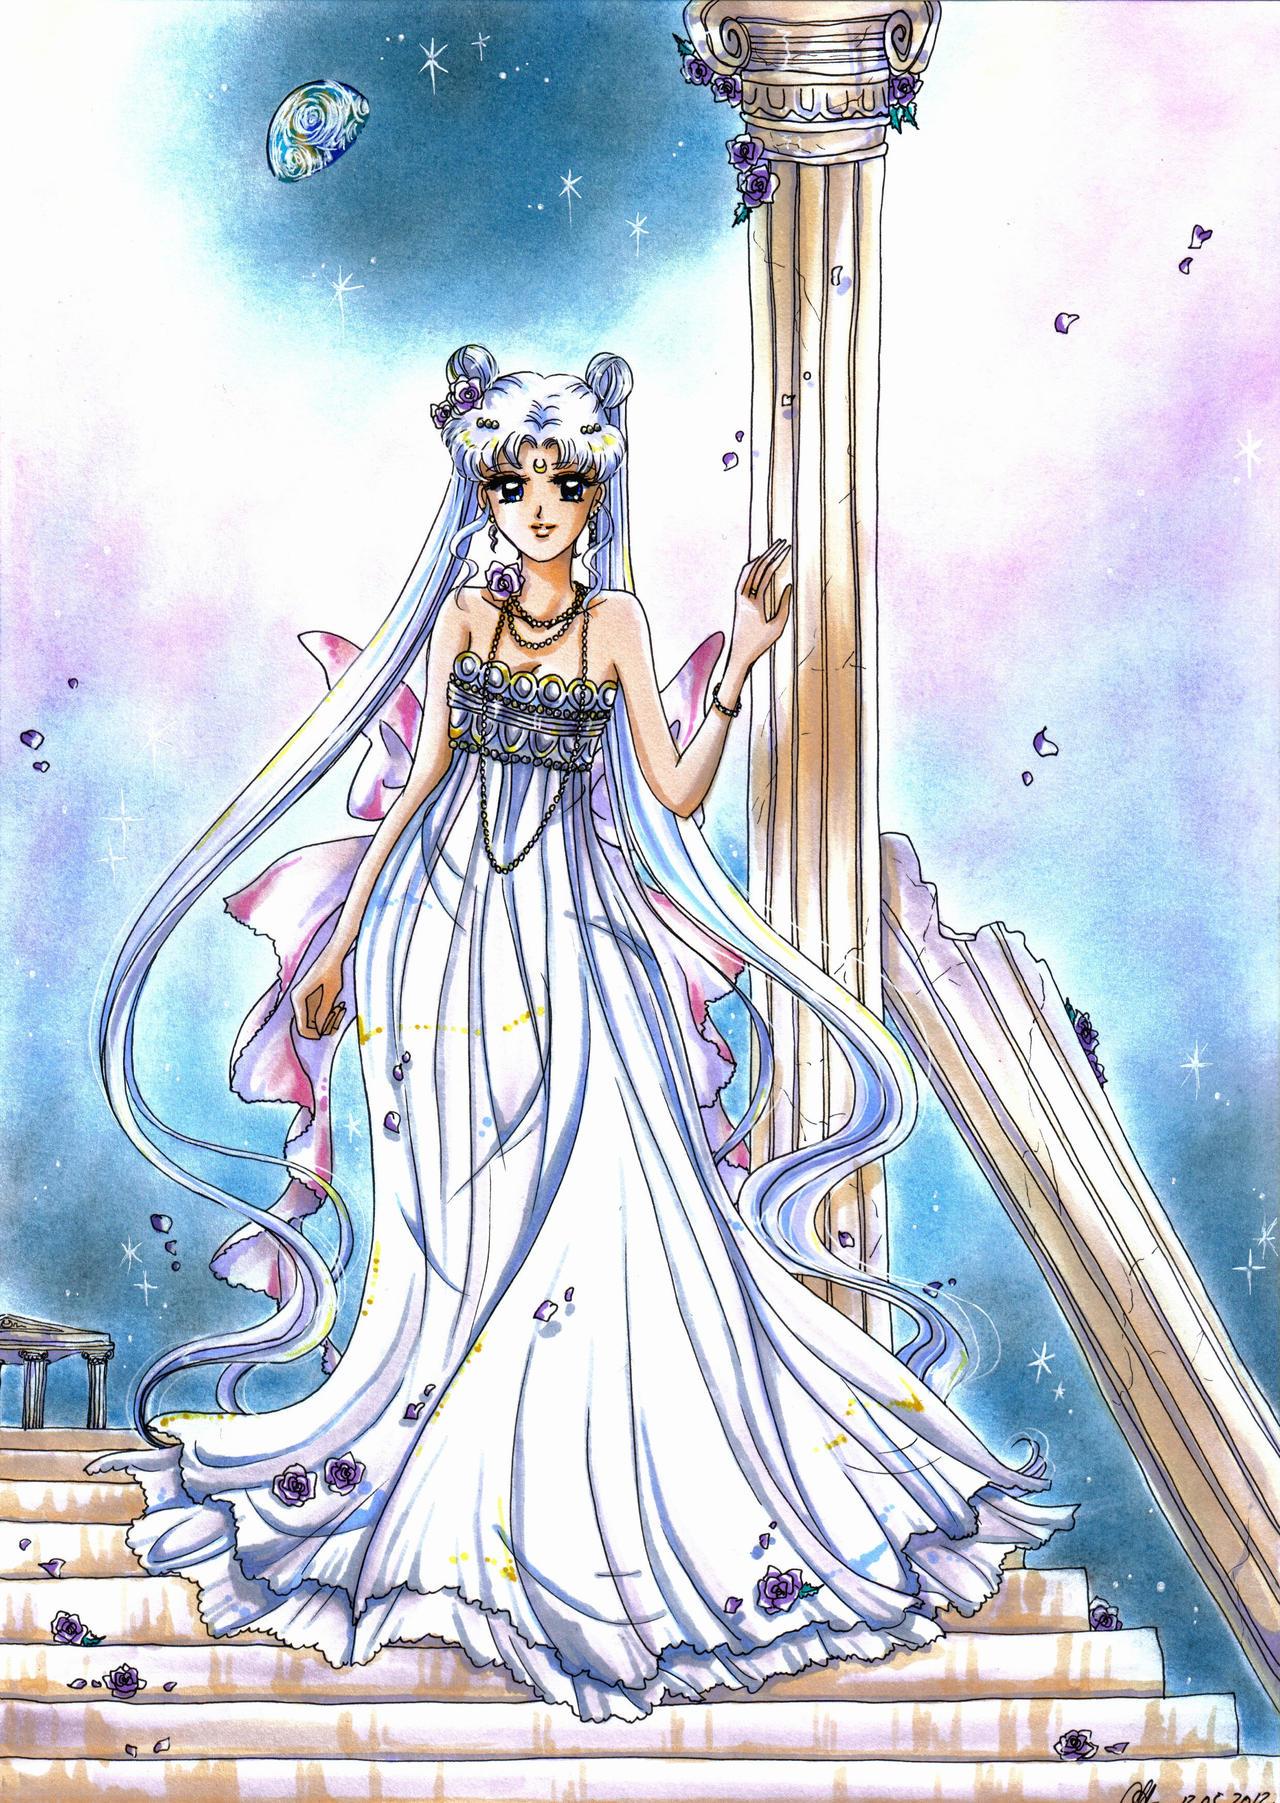 Usagi/Sailor Moon and Chibi-Usa/Sailor Chibi-Moon Bday